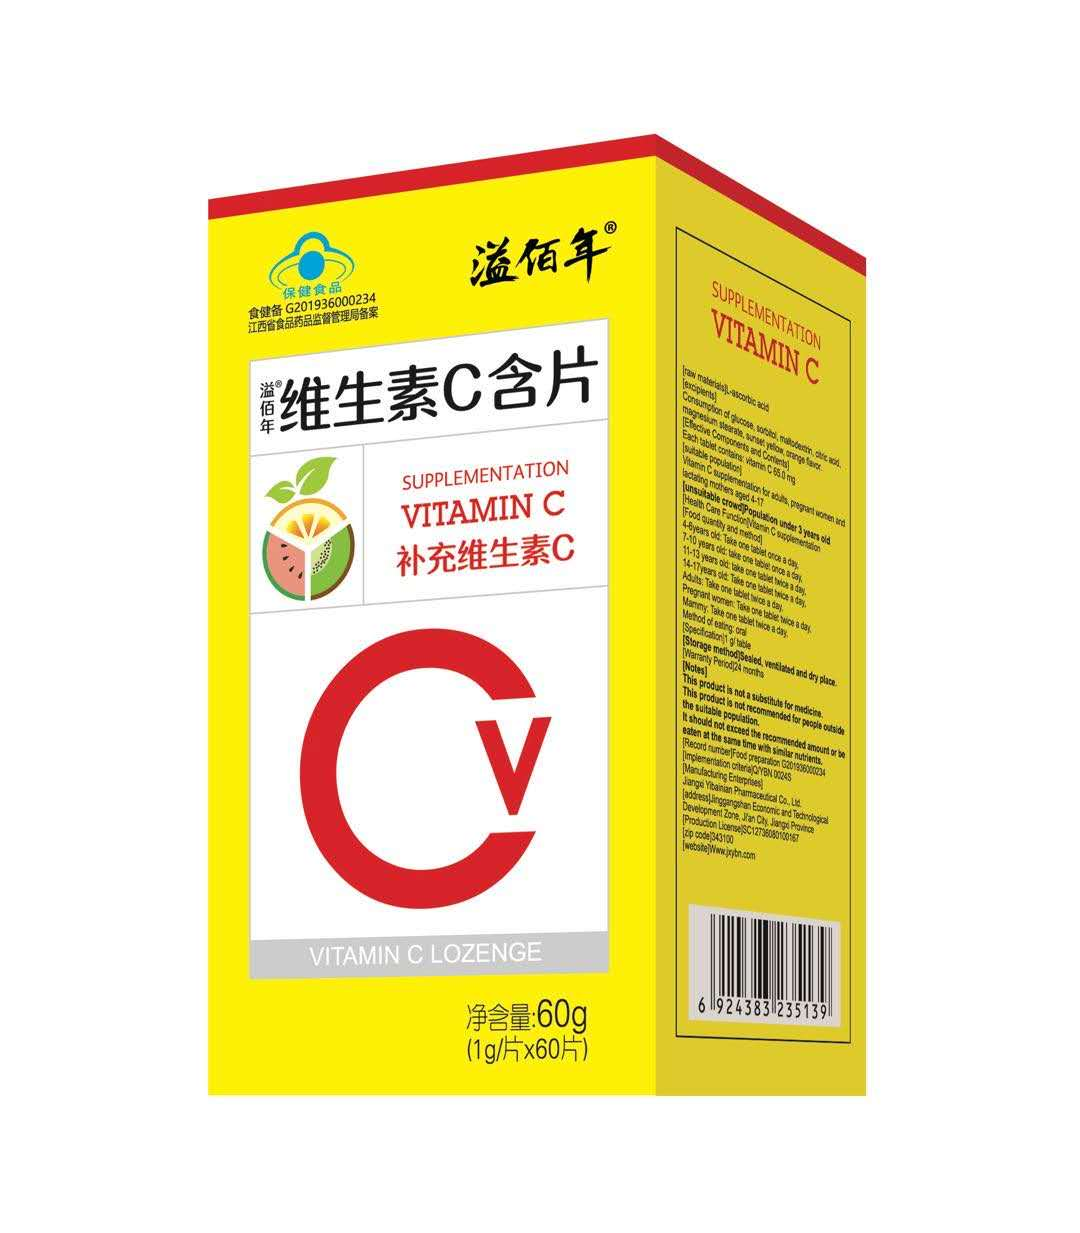 溢佰年维生素C含片